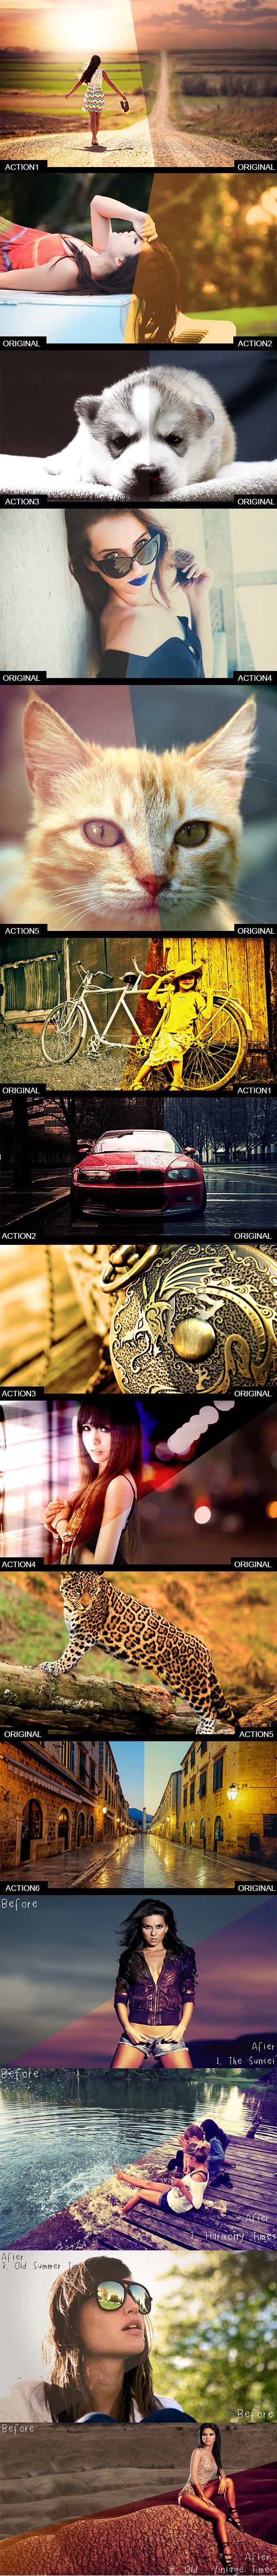 Actions Bundle - Actions Photoshop